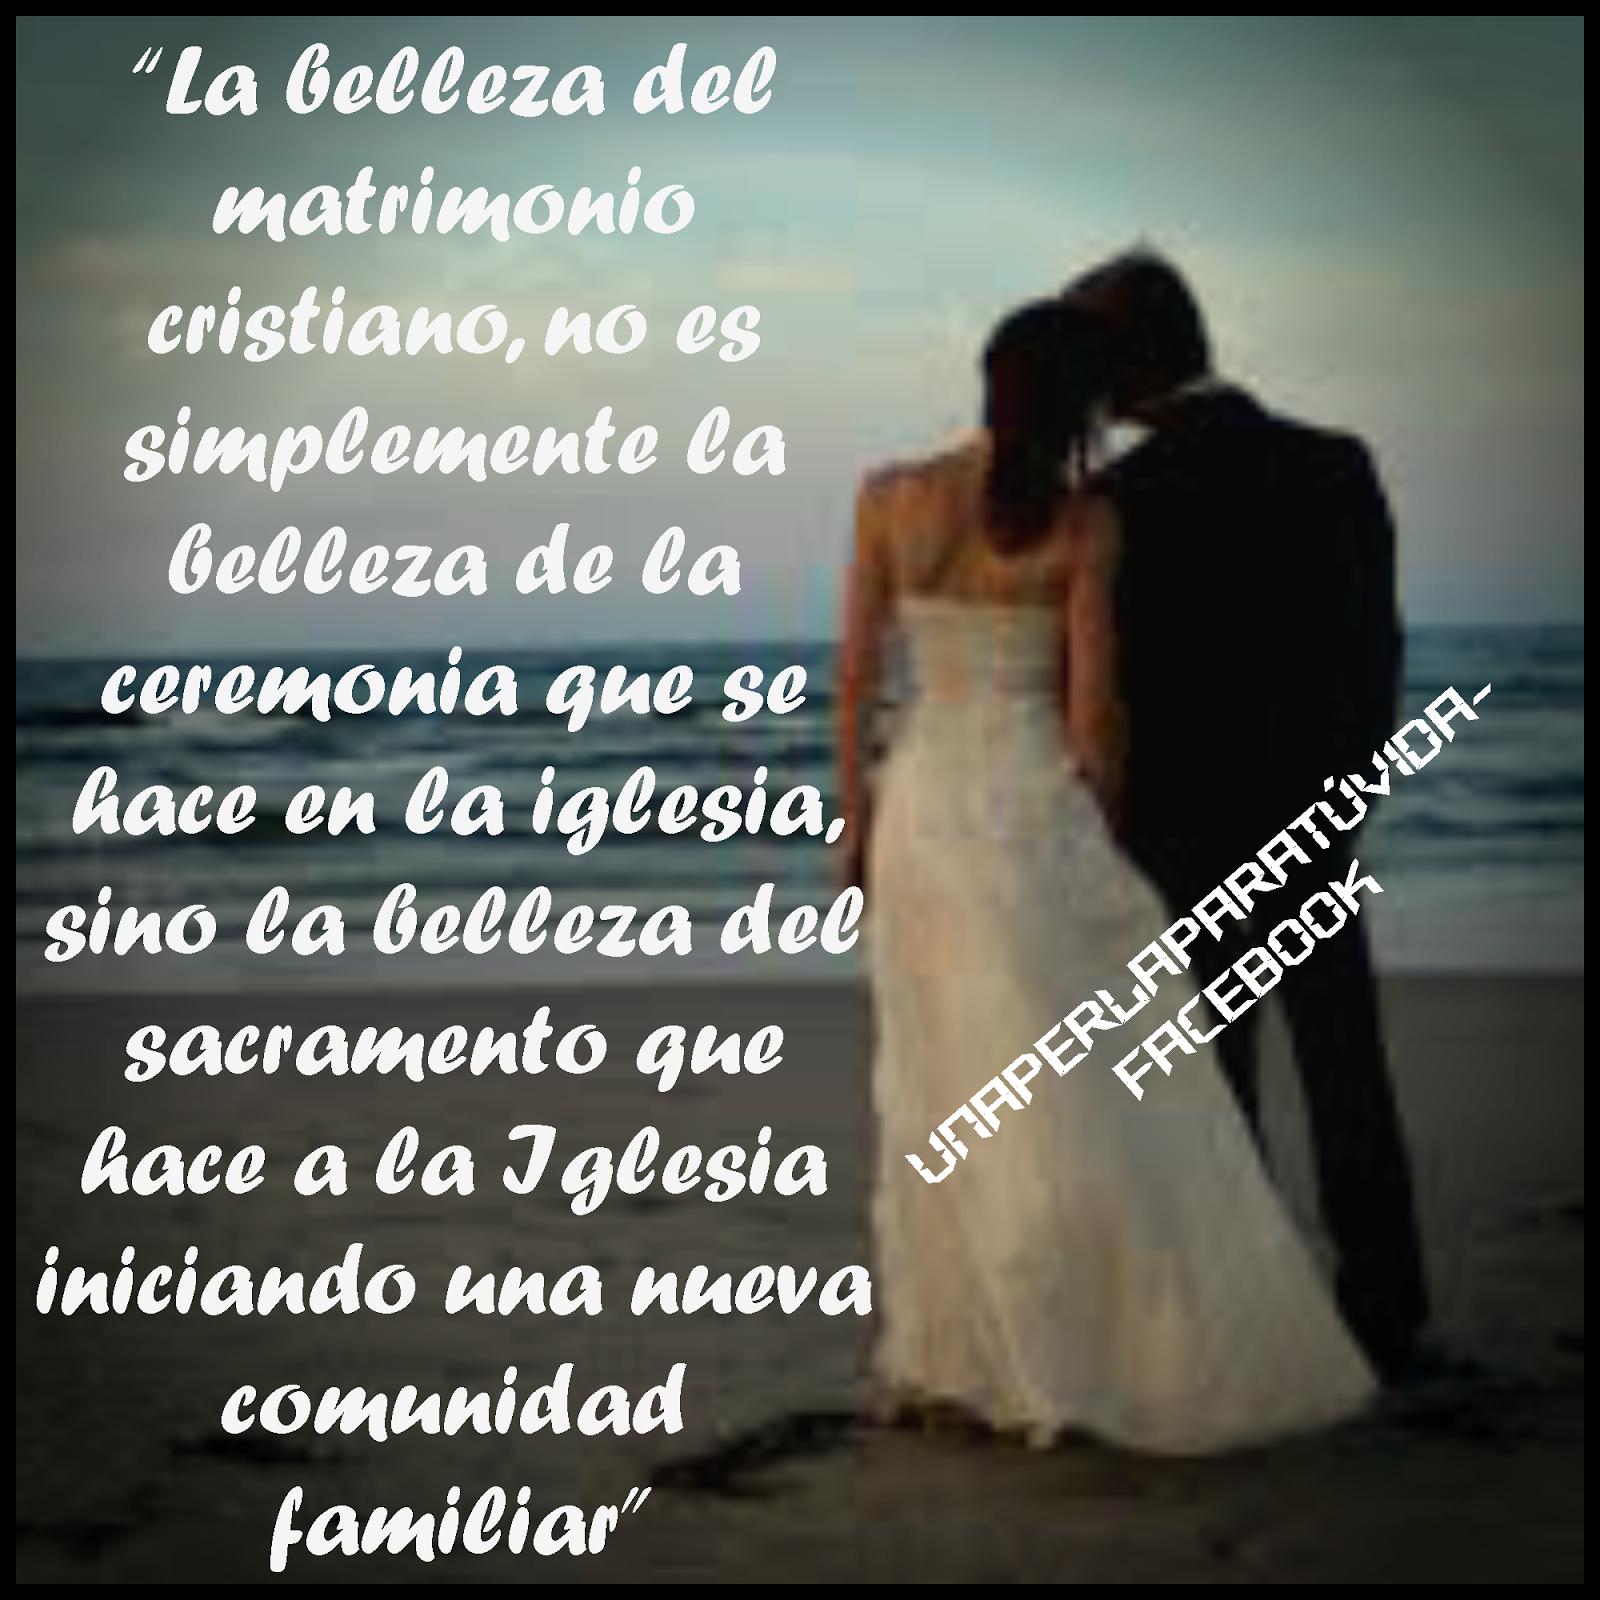 Salmos Del Matrimonio Catolico : Oracion para trabajo en dias apexwallpapers